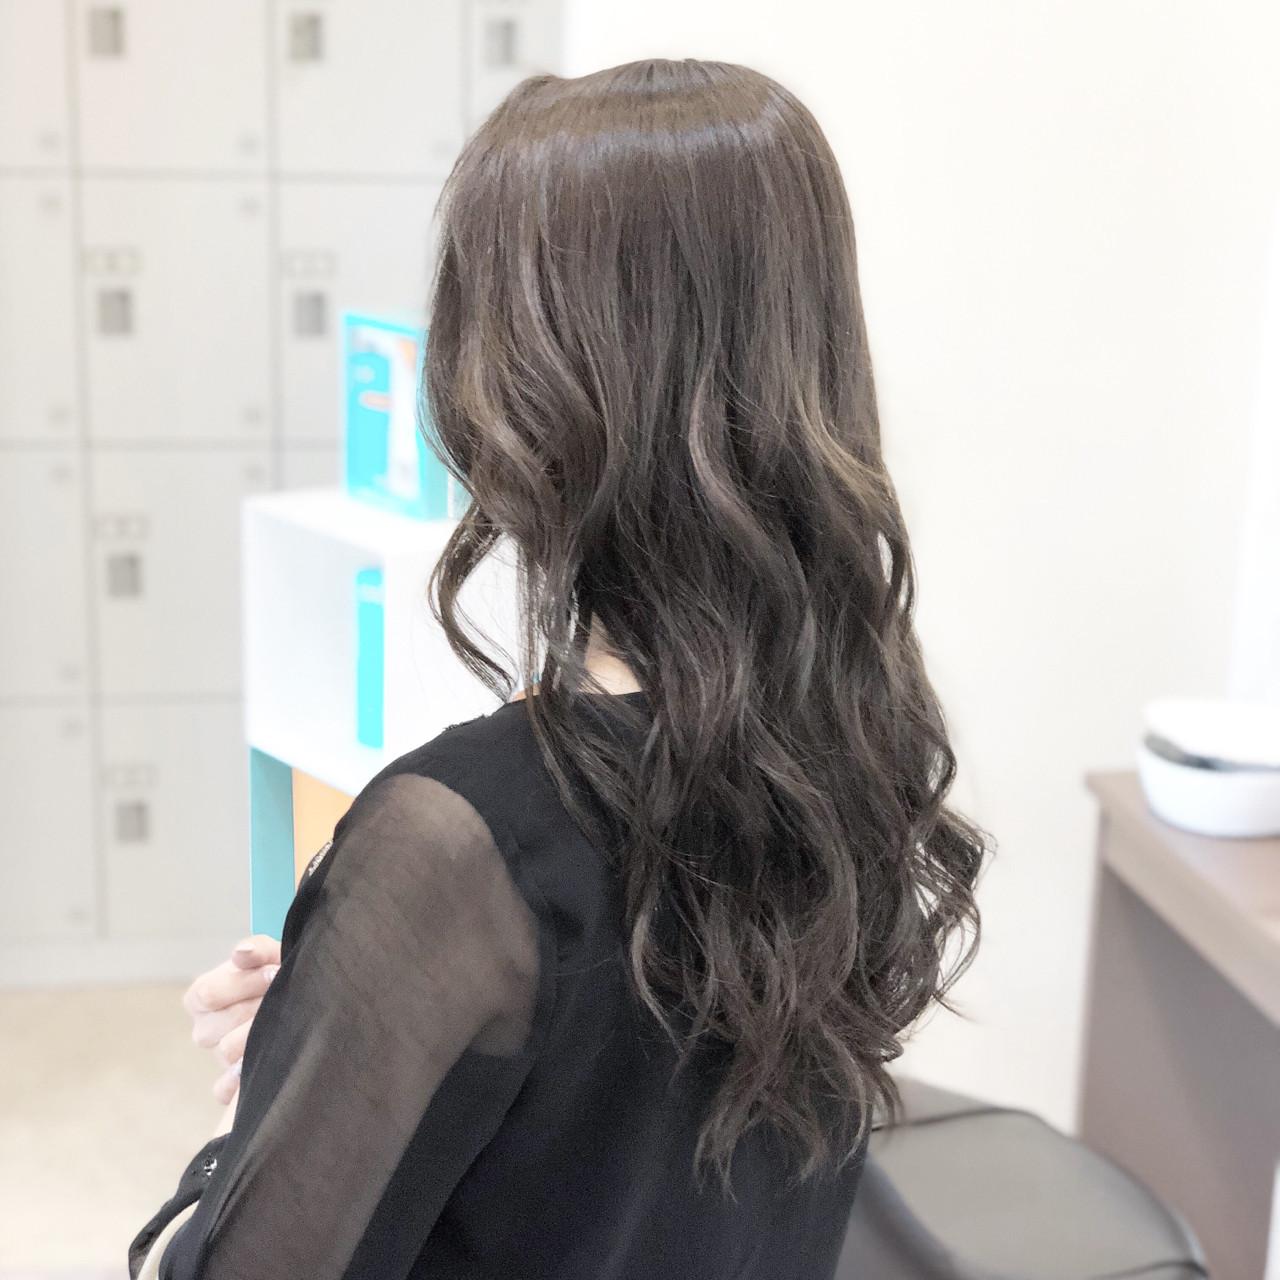 エレガント ロング モテ髪 上品 ヘアスタイルや髪型の写真・画像